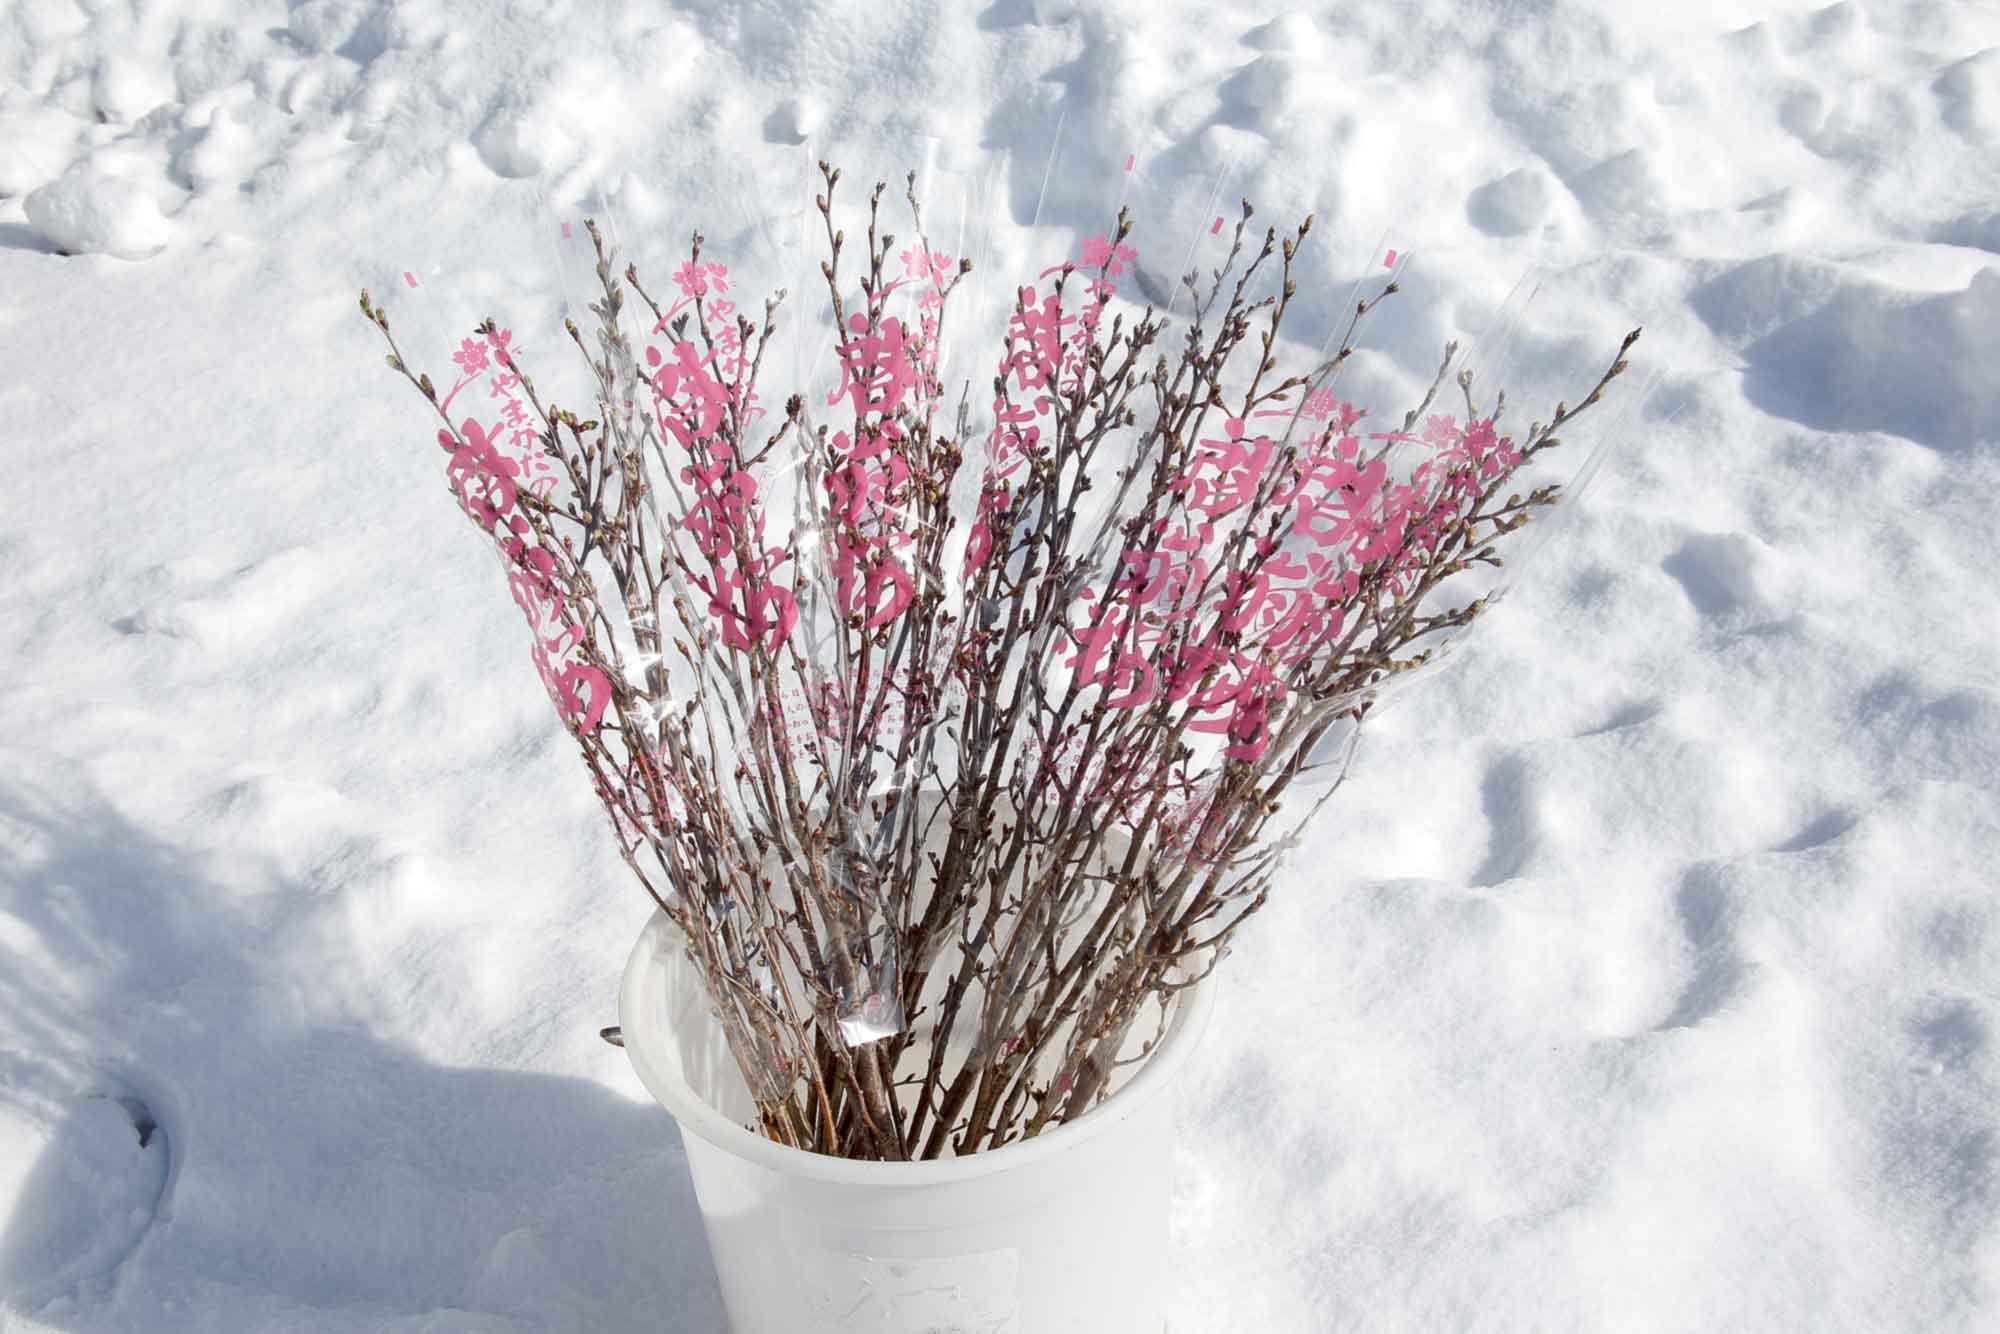 山形県アンテナショップおいしい山形 素材を訪ねて|啓翁桜:                 啓翁桜はつぼみの状態で出荷され、届いた人の手元で満開を迎えます。